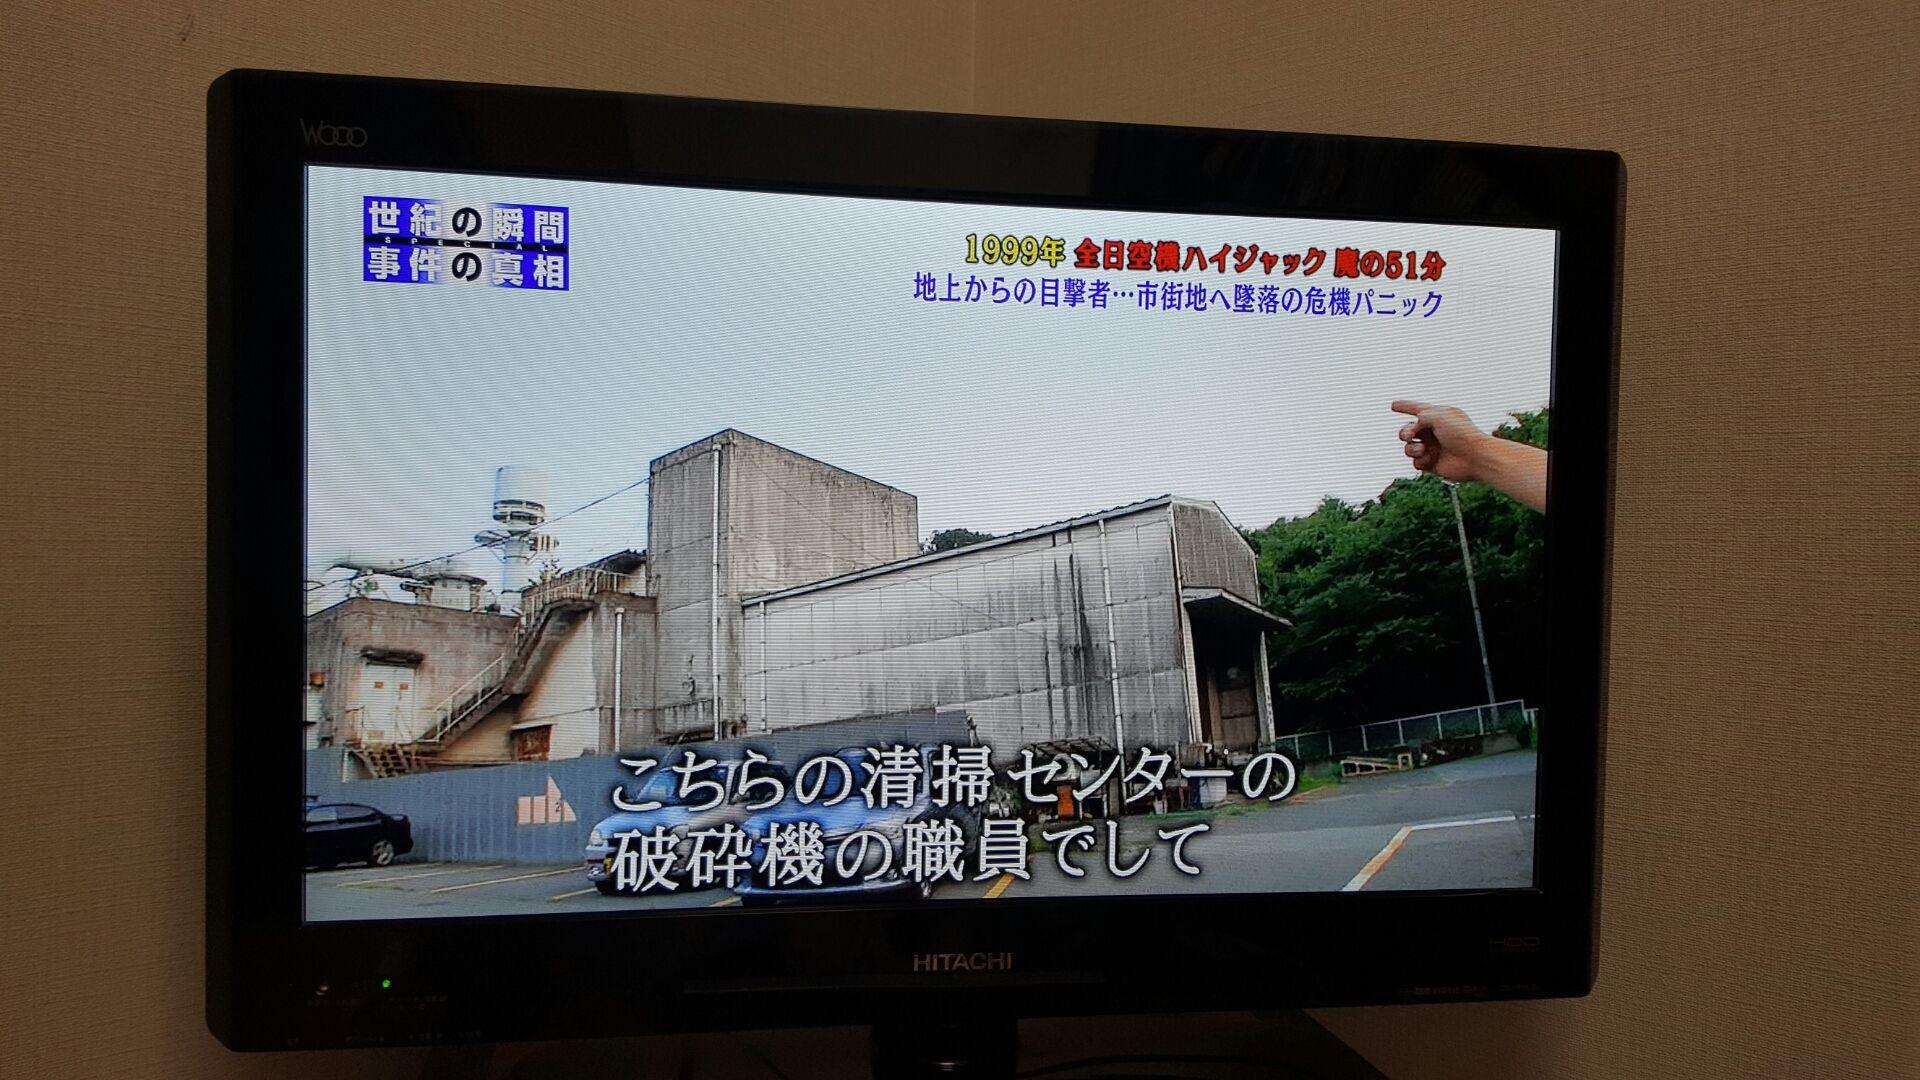 全日空61便ハイジャック事件 - All Nippon Airways Flight 61